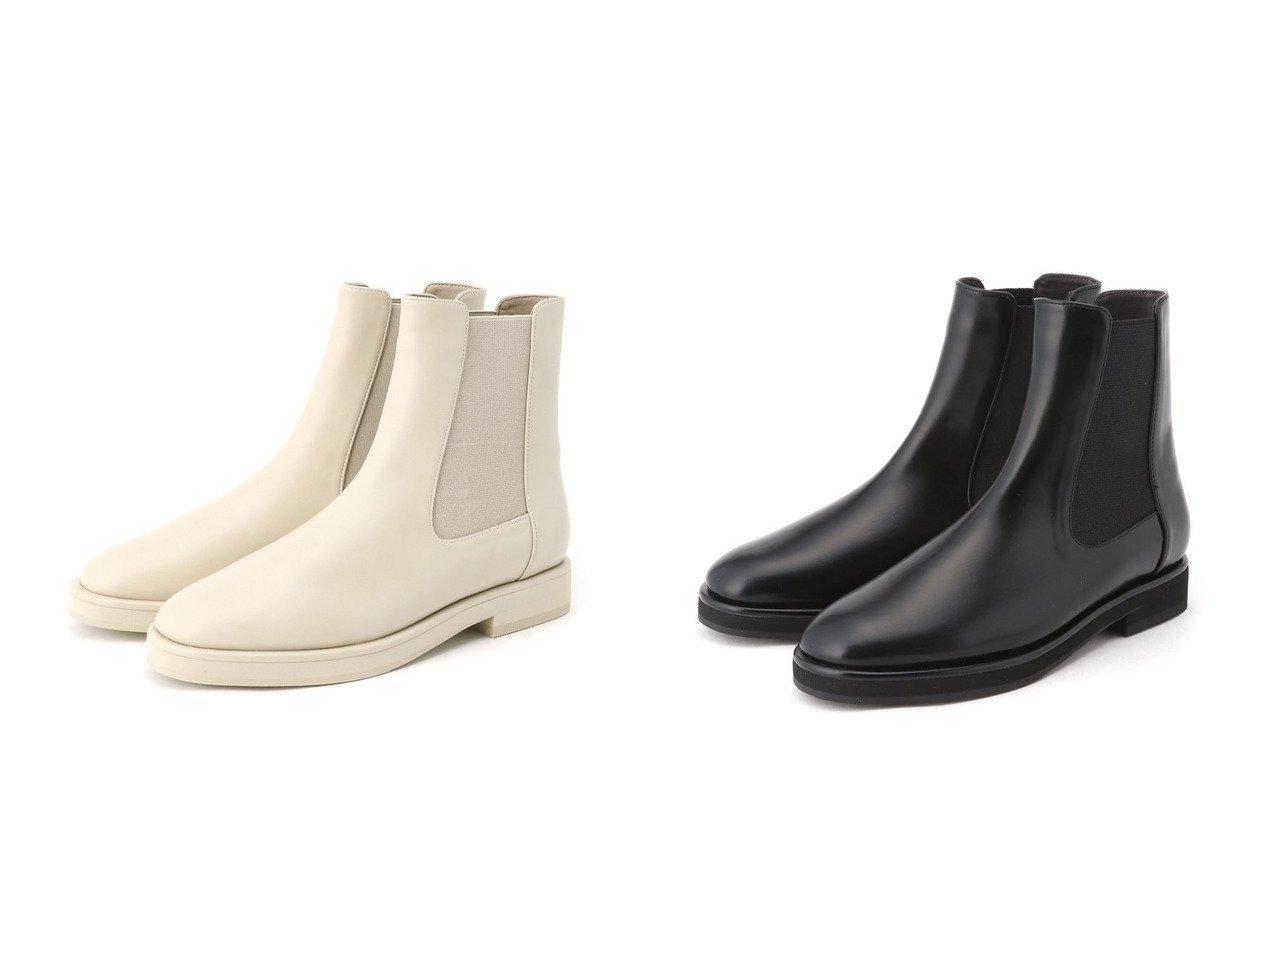 【Le Talon/ル タロン】のGRISE 3cmサイドゴアショートブーツ シューズ・靴のおすすめ!人気、トレンド・レディースファッションの通販 おすすめで人気の流行・トレンド、ファッションの通販商品 メンズファッション・キッズファッション・インテリア・家具・レディースファッション・服の通販 founy(ファニー) https://founy.com/ ファッション Fashion レディースファッション WOMEN シューズ ショート スクエア トリミング 定番 Standard A/W 秋冬 AW Autumn/Winter / FW Fall-Winter 2020年 2020 2020-2021 秋冬 A/W AW Autumn/Winter / FW Fall-Winter 2020-2021 NEW・新作・新着・新入荷 New Arrivals  ID:crp329100000012458